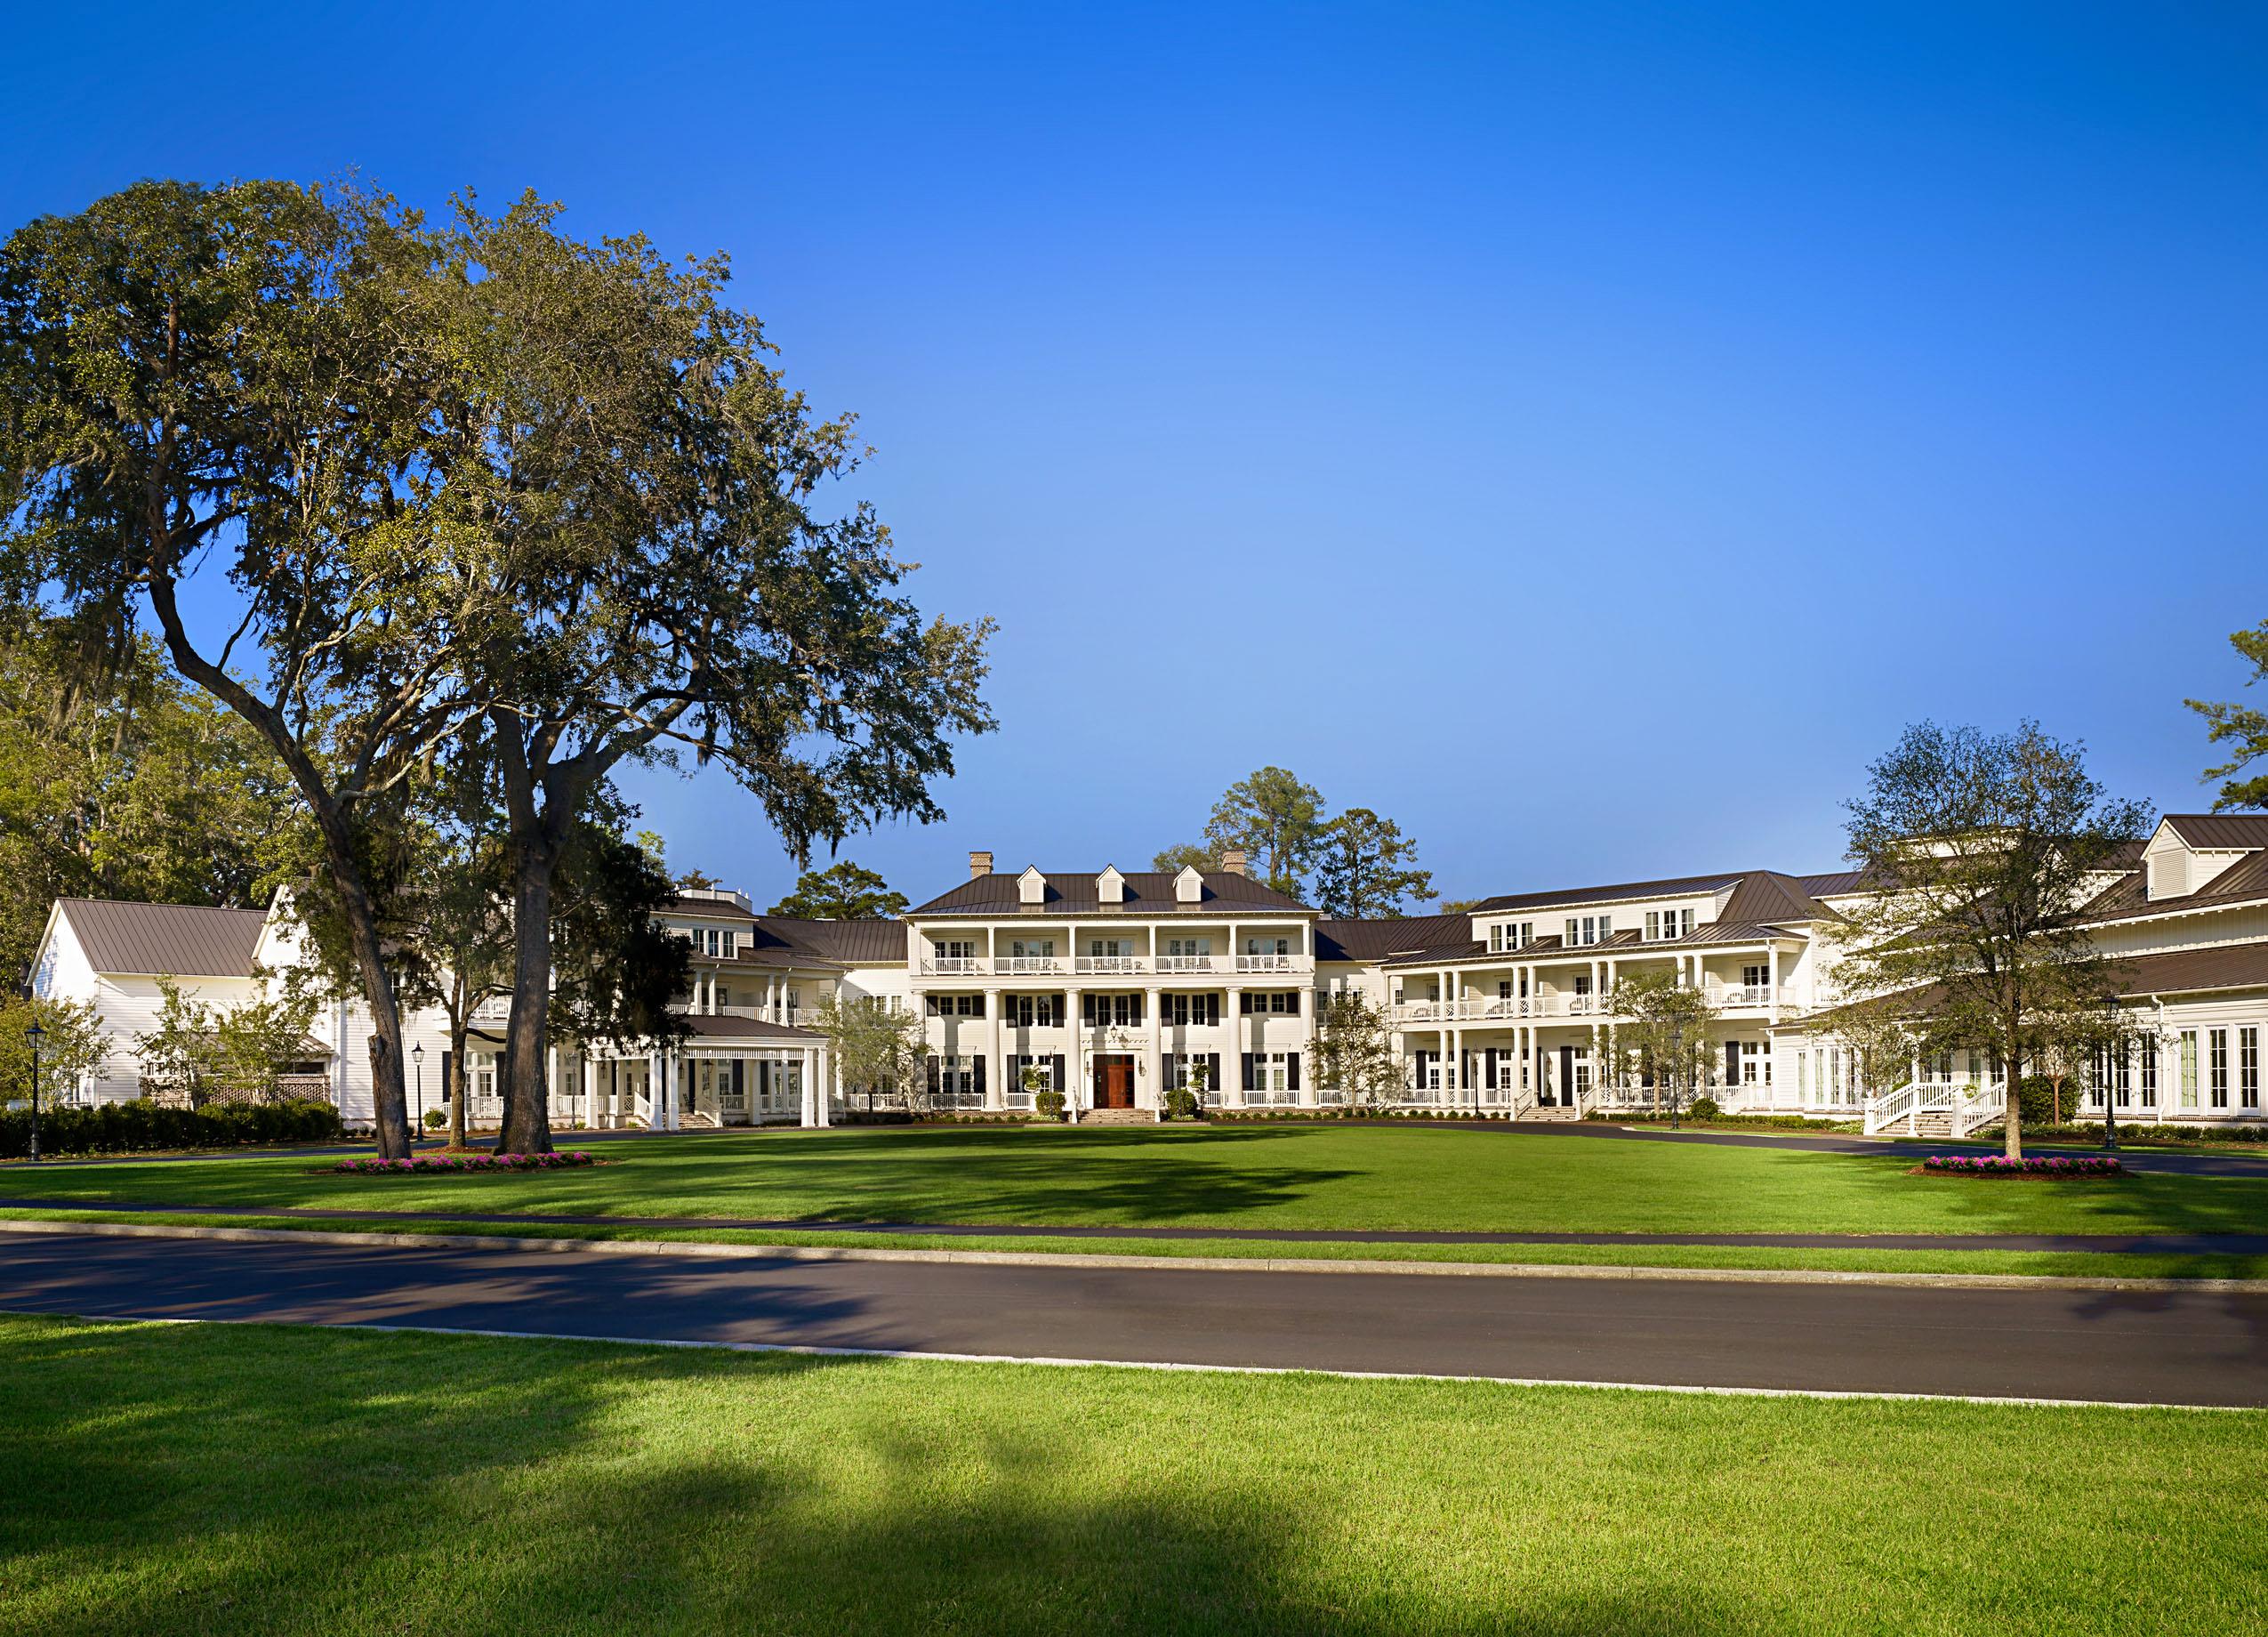 montage hotel resort lawn